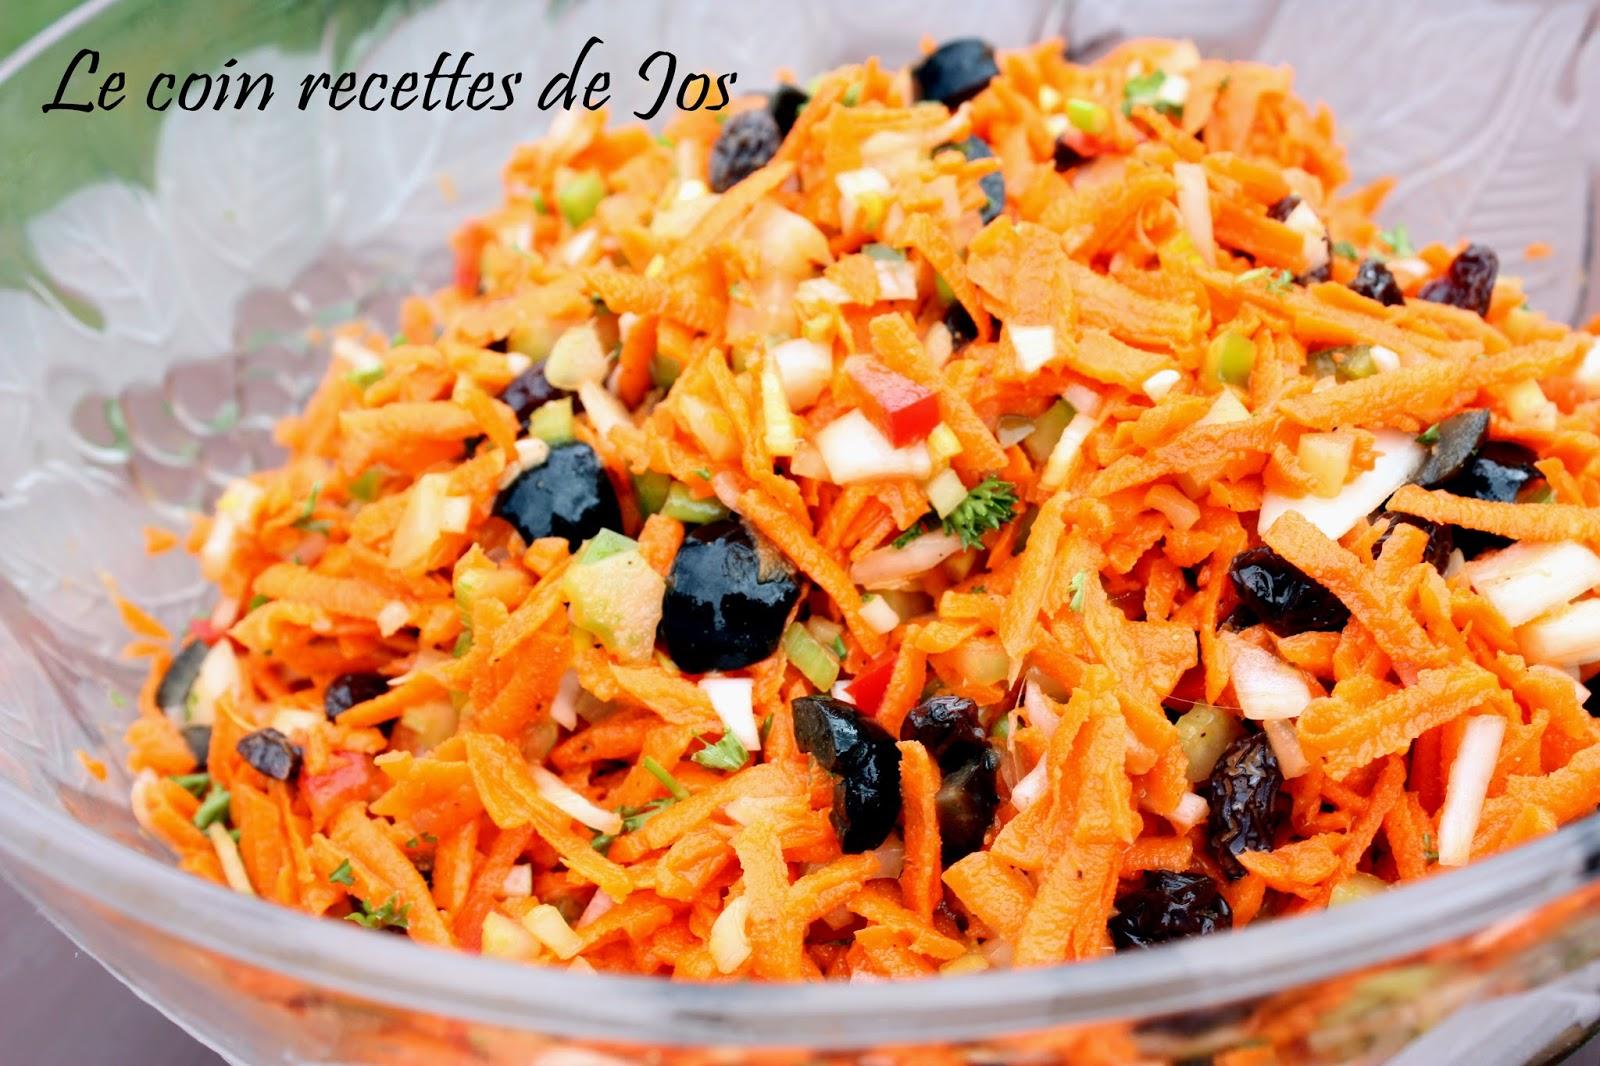 Le coin recettes de jos salade de carottes toute garnie for Eliminer les vers des salades